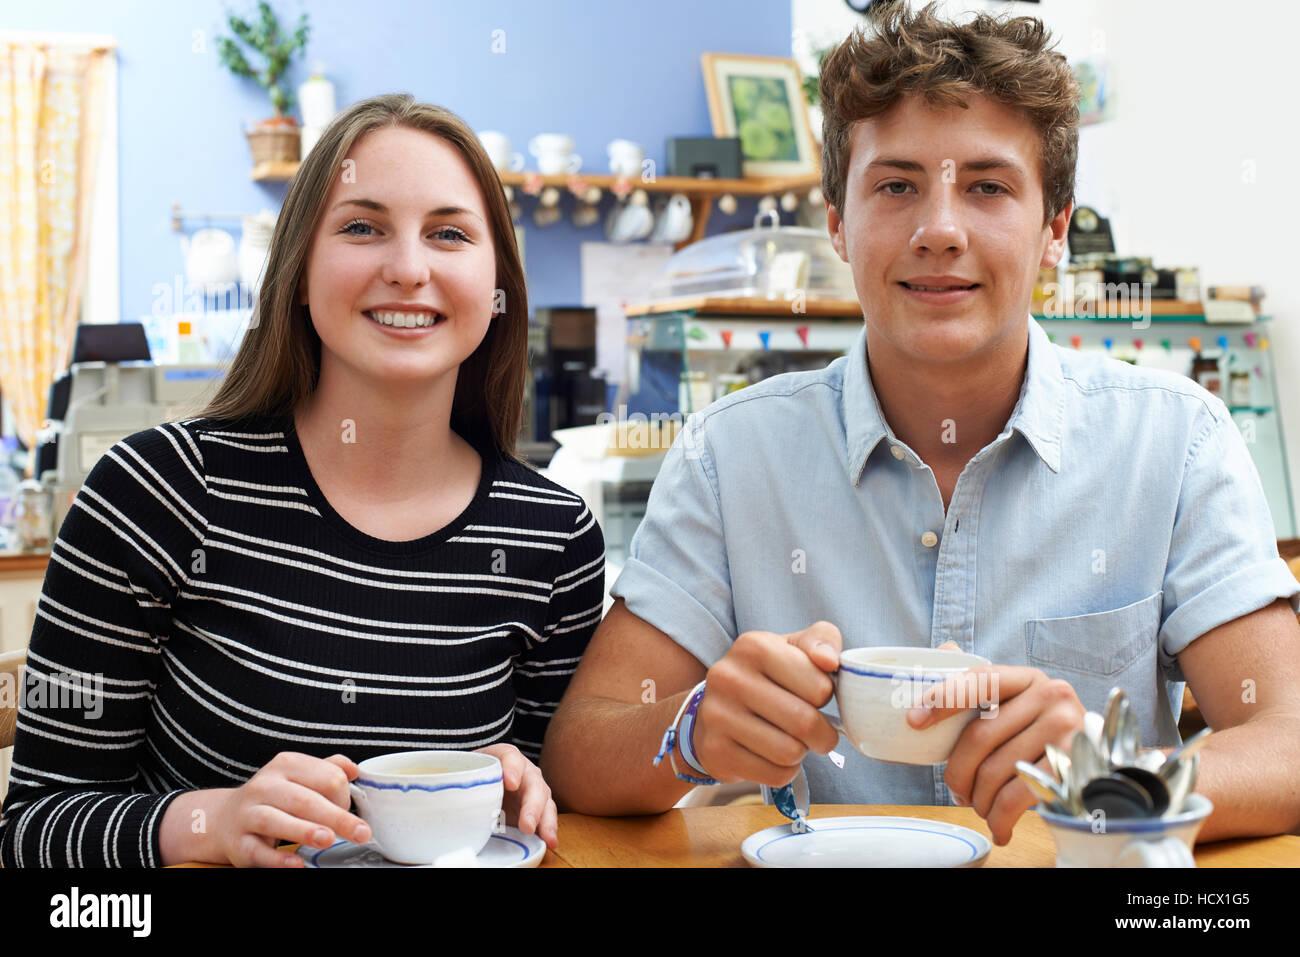 Grupo de retrato de la pareja de adolescentes reunidos en Cafe Imagen De Stock